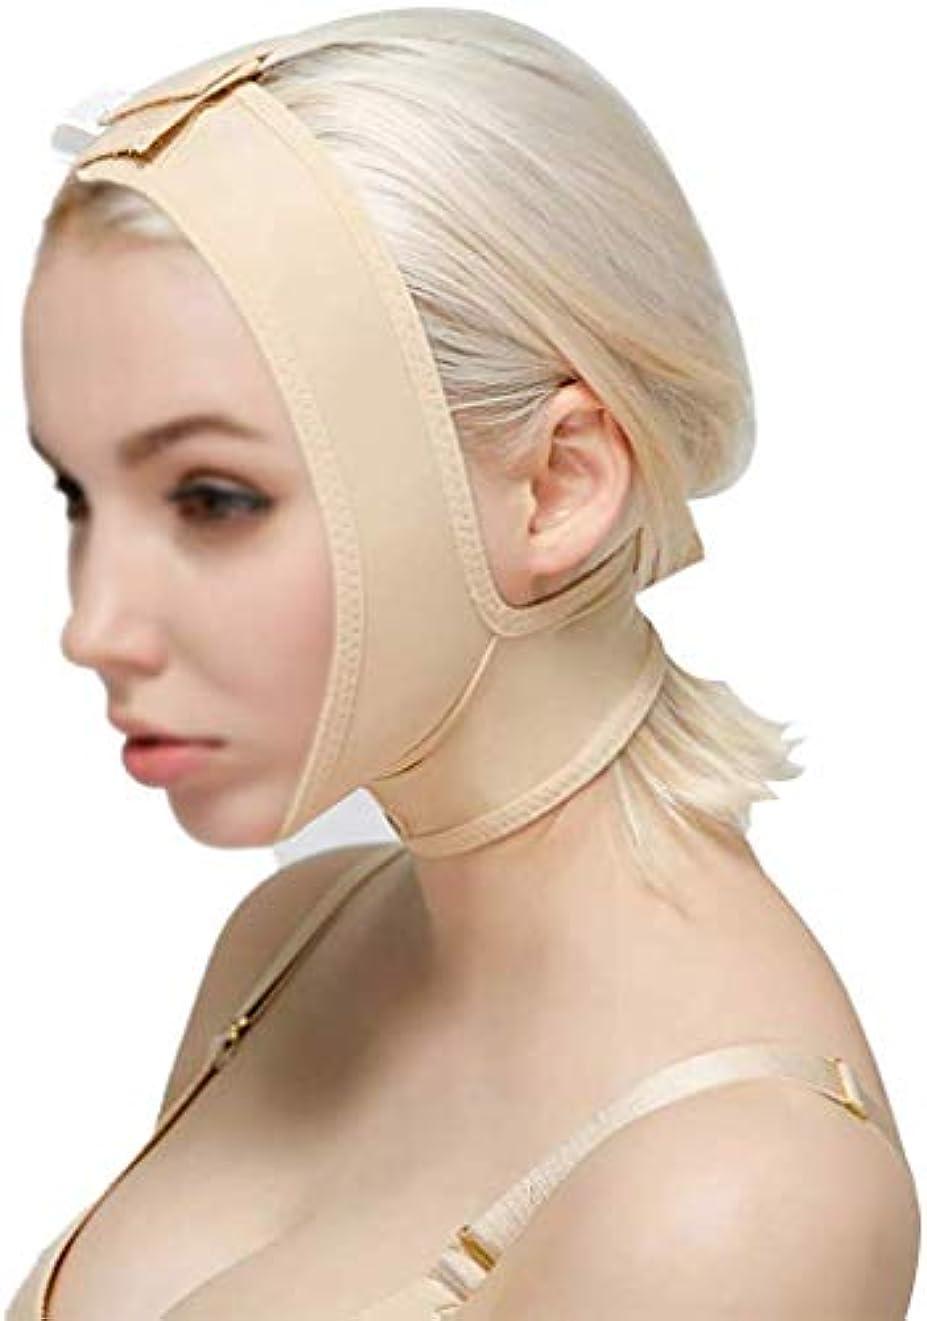 準拠過度に特に美しさと実用的な顔と首のリフト、減量術後の弾性スリーブジョーセットフェイスアーティファクトVフェイスフェイシャルフェイスバンドルダブルチンシンフェイスウィッグ(サイズ:L)